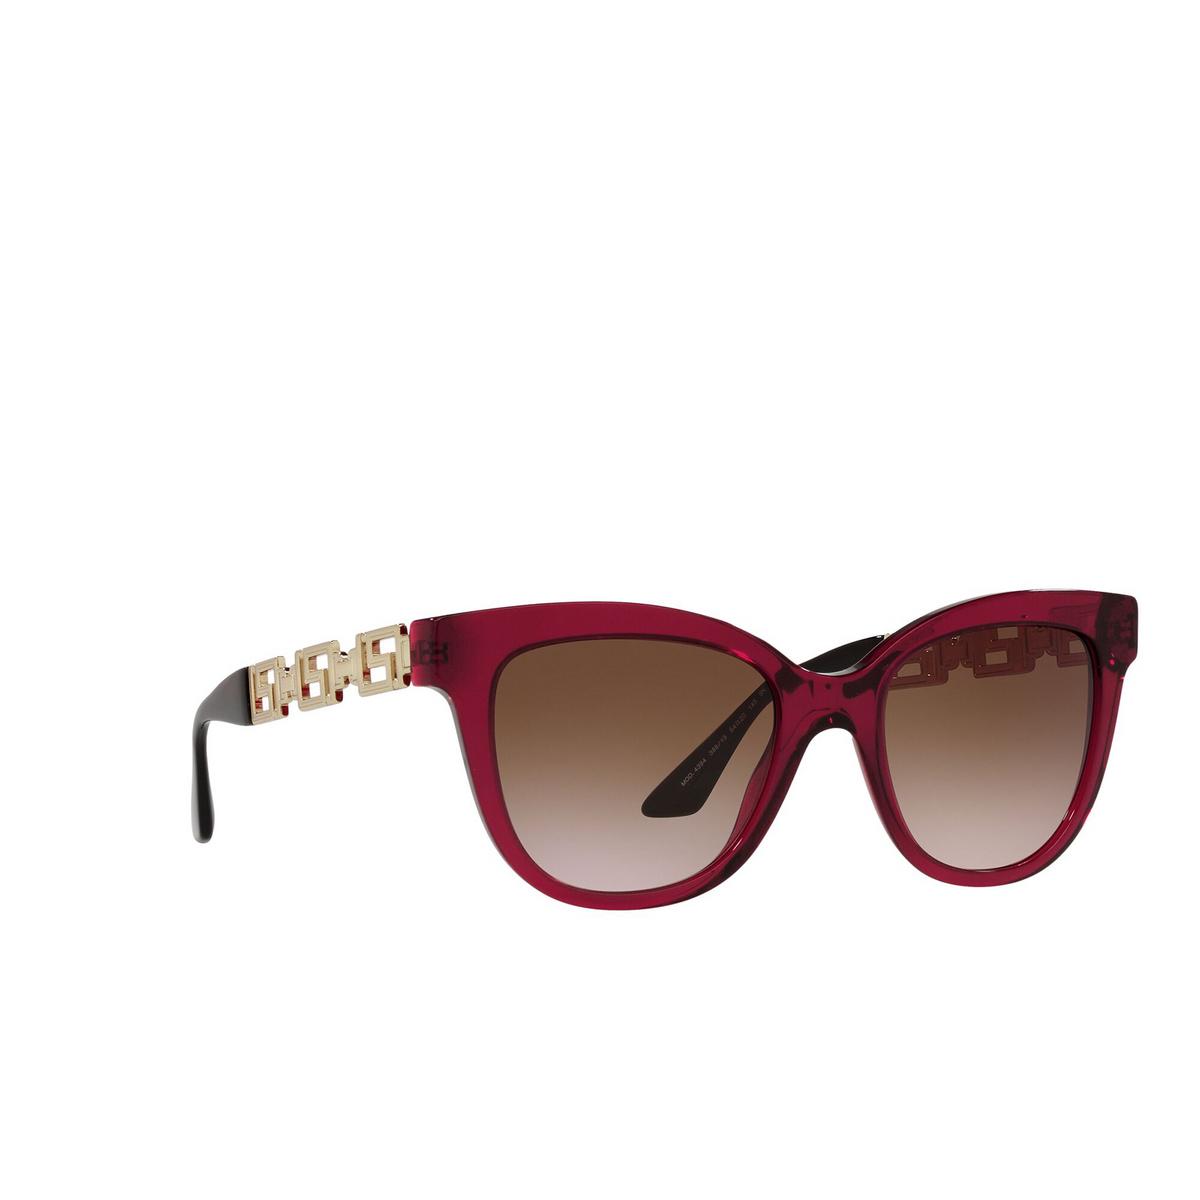 Versace® Cat-eye Sunglasses: VE4394 color Bordeaux Transparent 388/13 - three-quarters view.